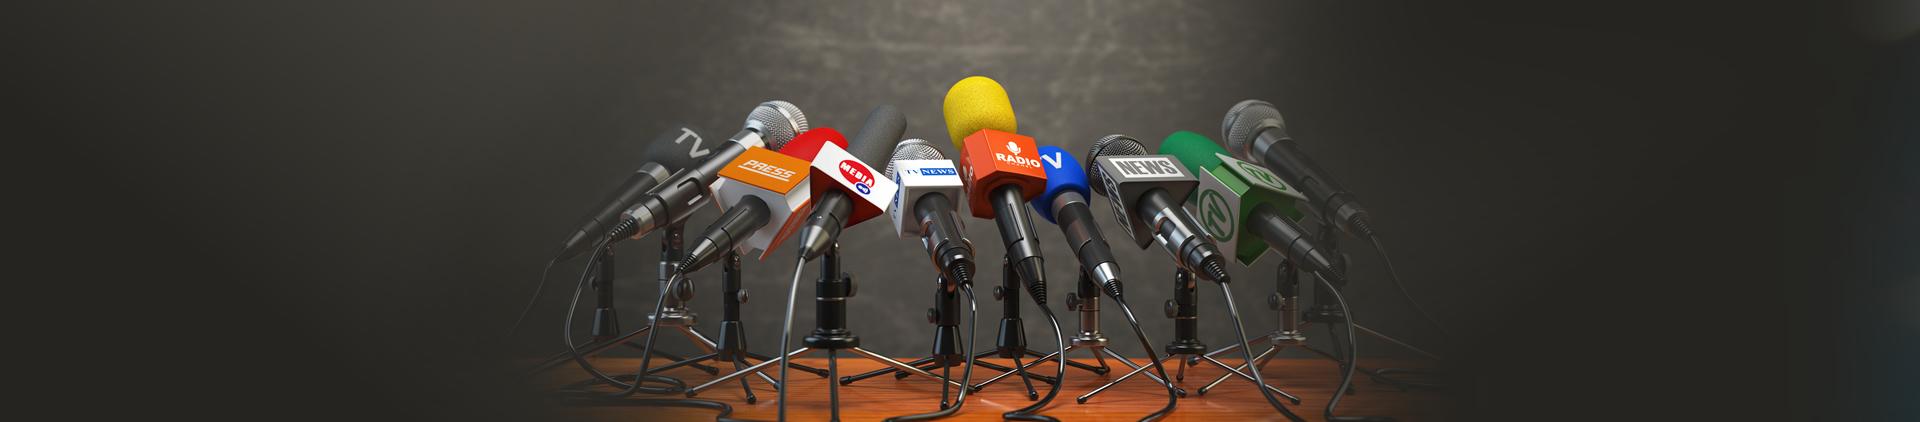 בית הספר לתקשורת